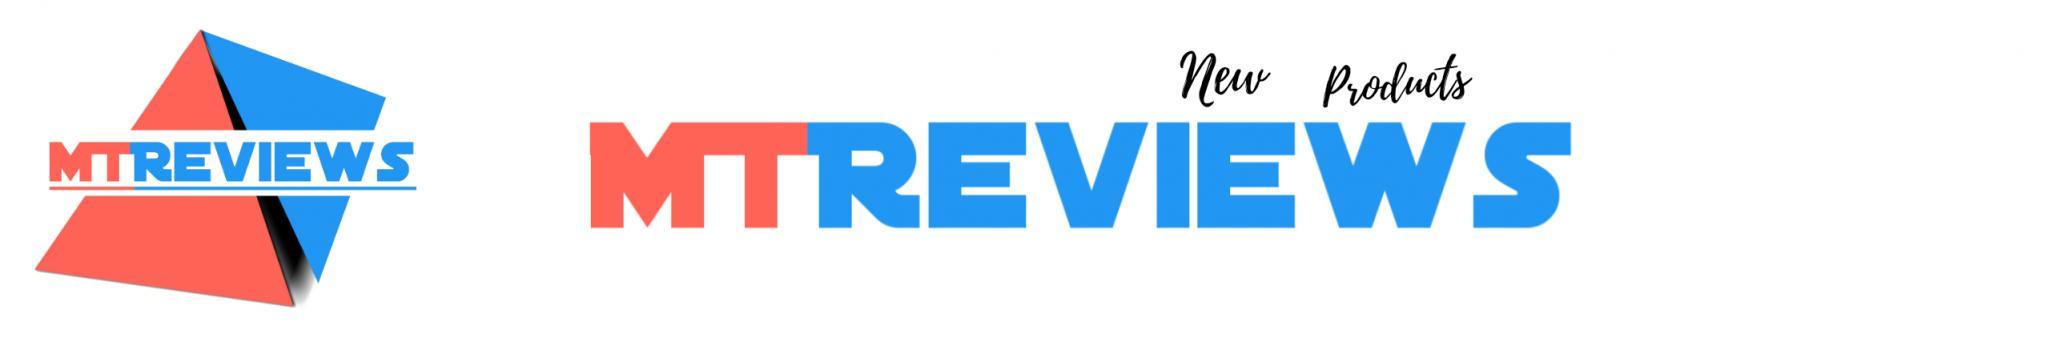 MT Reviews